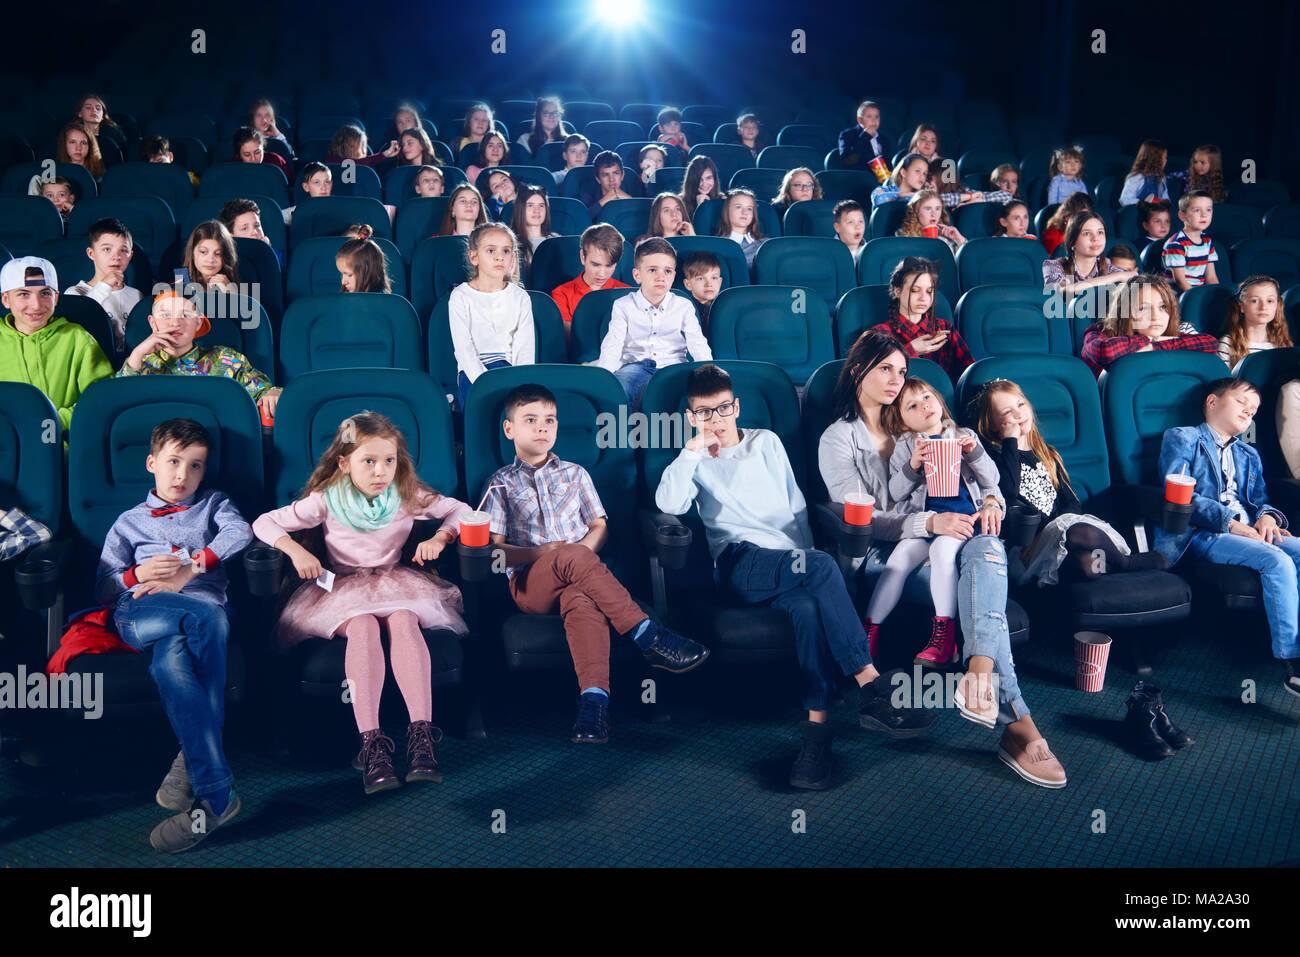 Frontview di persone sedute in sala cinema. I ragazzi e le ragazze la visione di film interessanti e guardando molto emotivo, spaventata e abbandonata. I bambini indossare colorati abiti alla moda. Immagini Stock